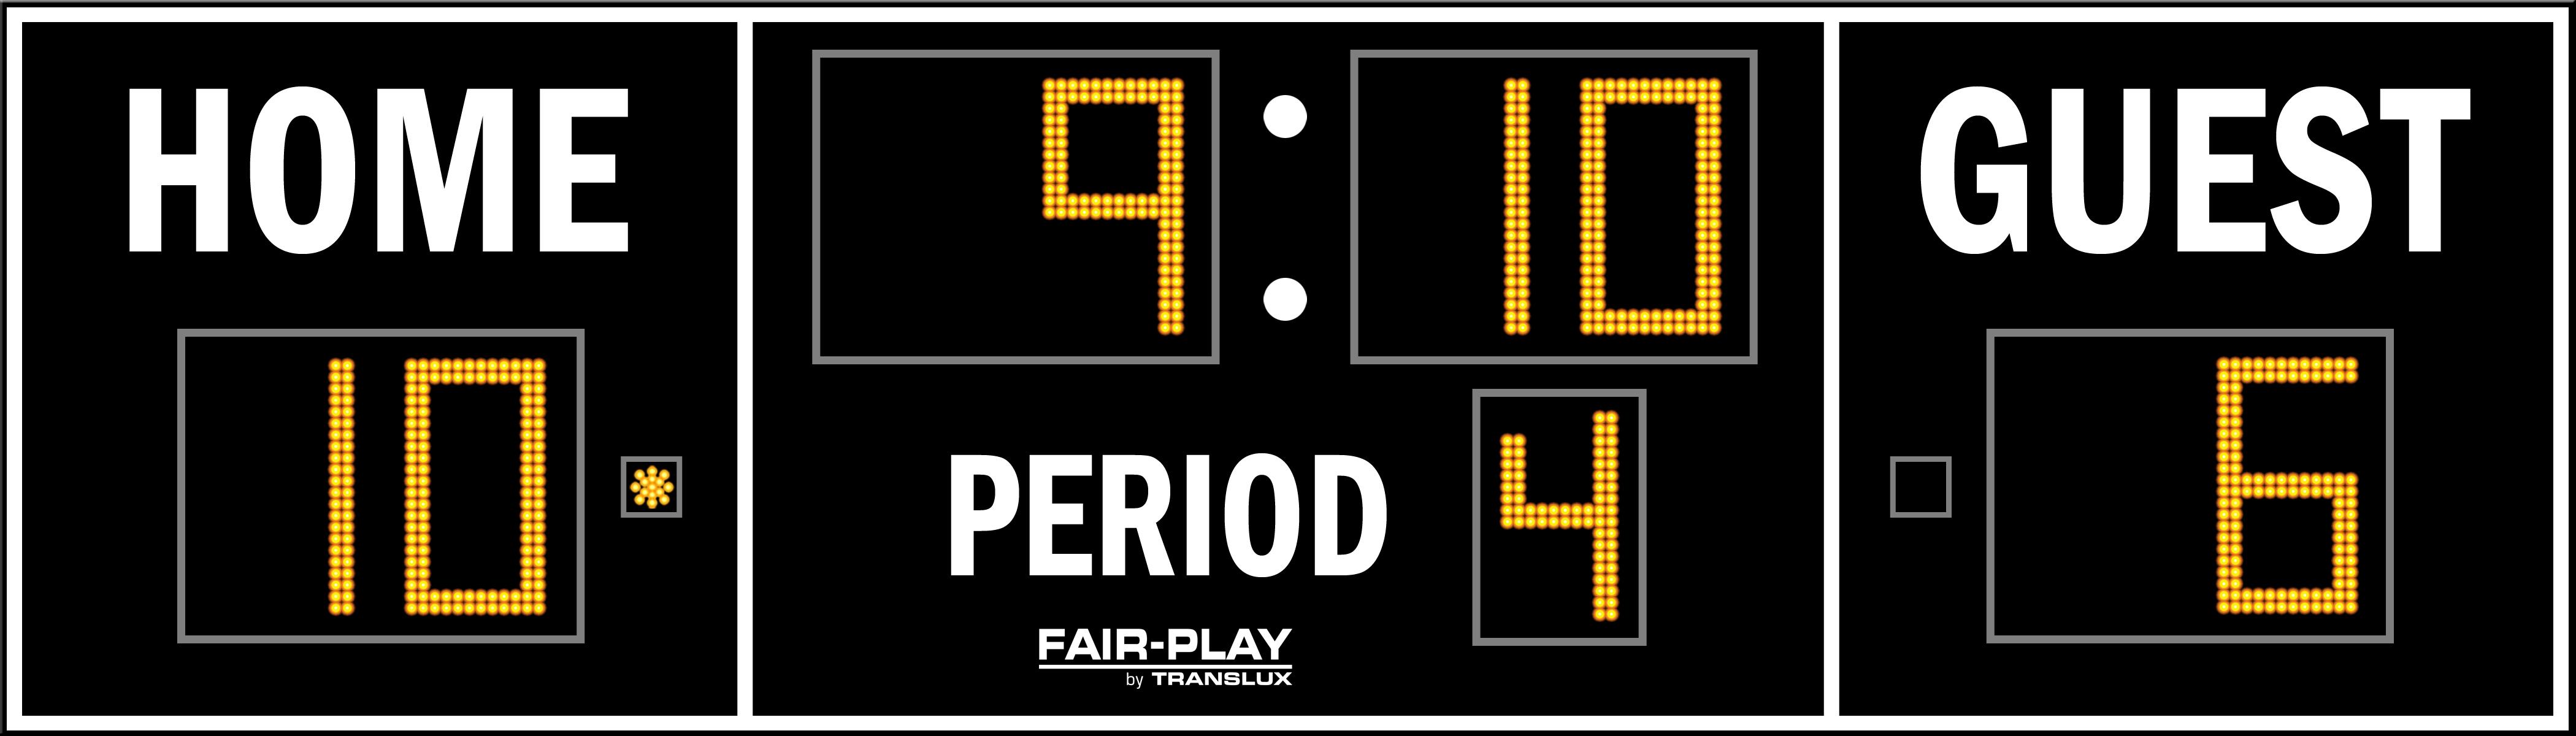 Scoreboard Clipart#1984735.